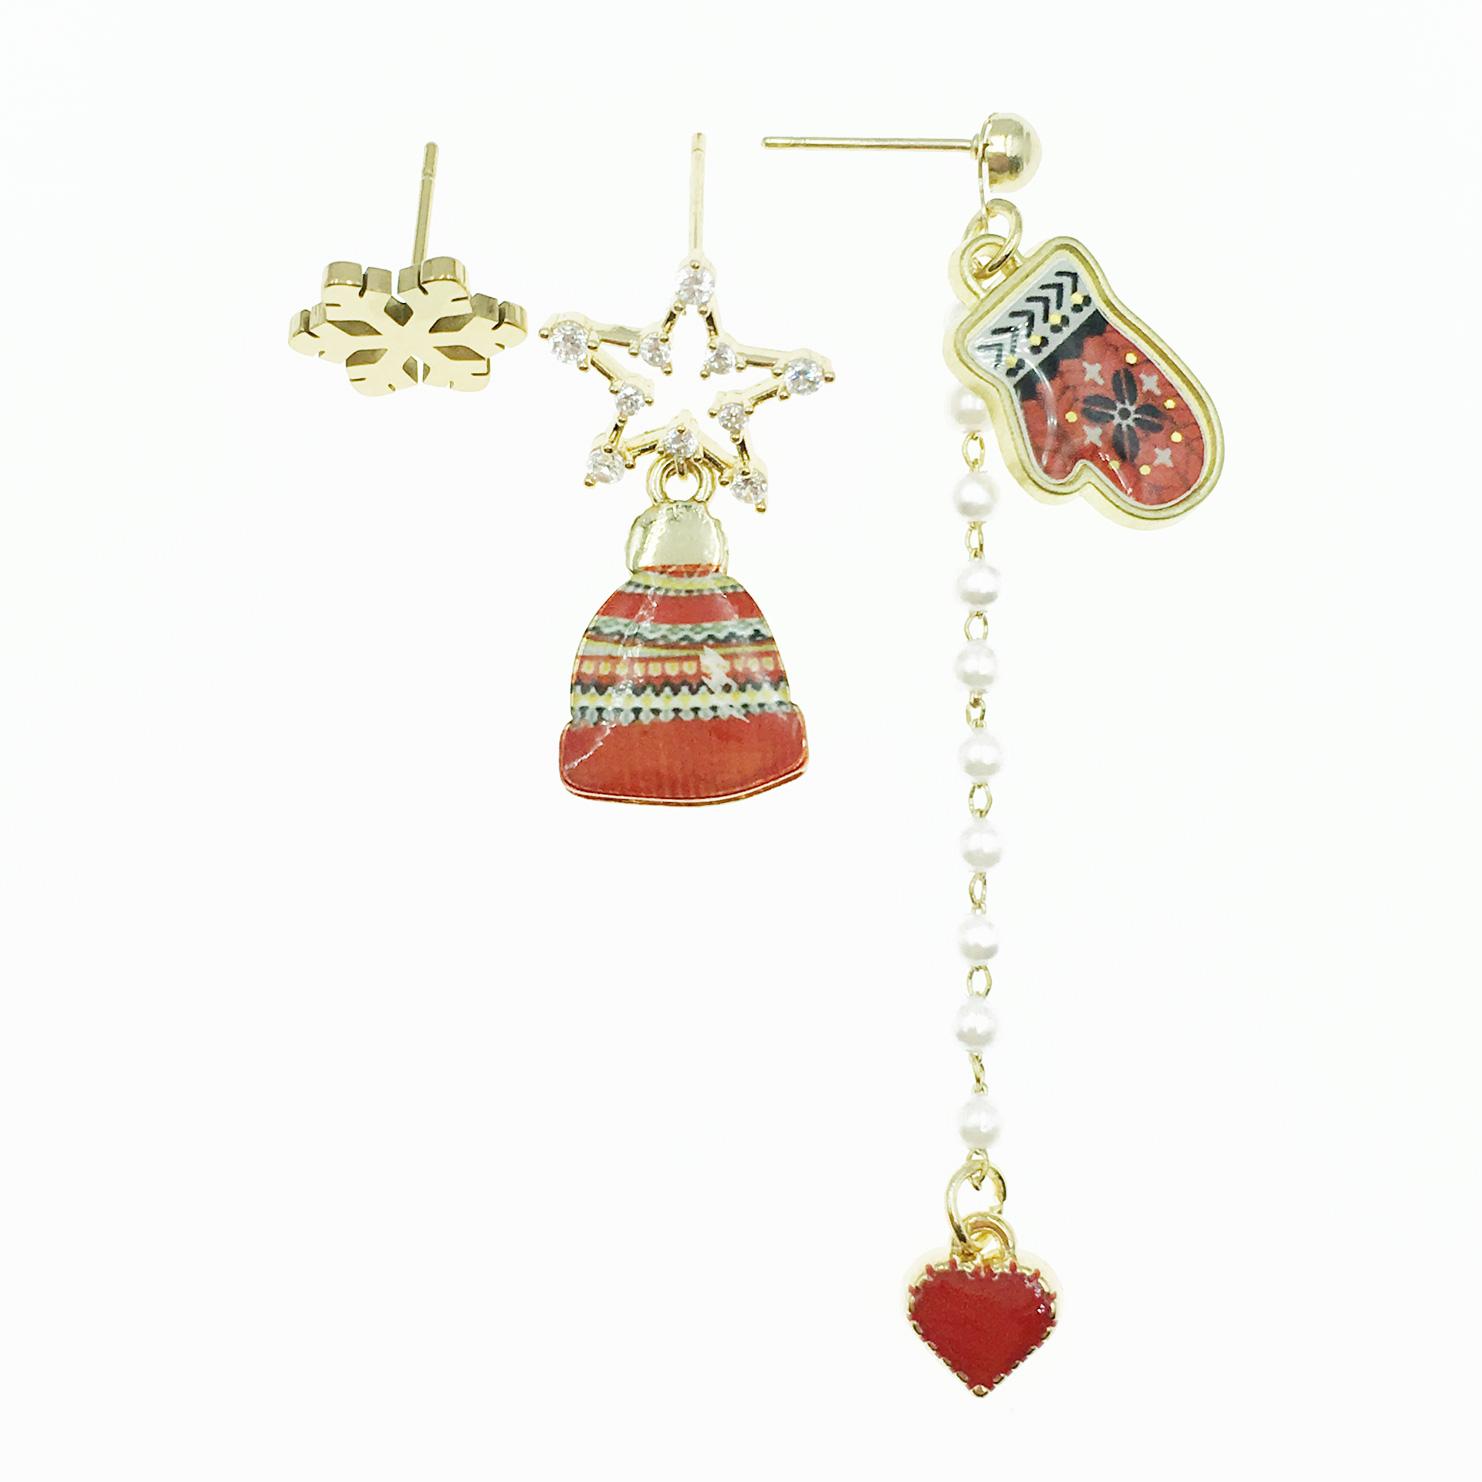 韓國 雪花 手套 簍空星星 水鑽 愛心 珍珠鍊 三入組 垂墜感 耳針式耳環